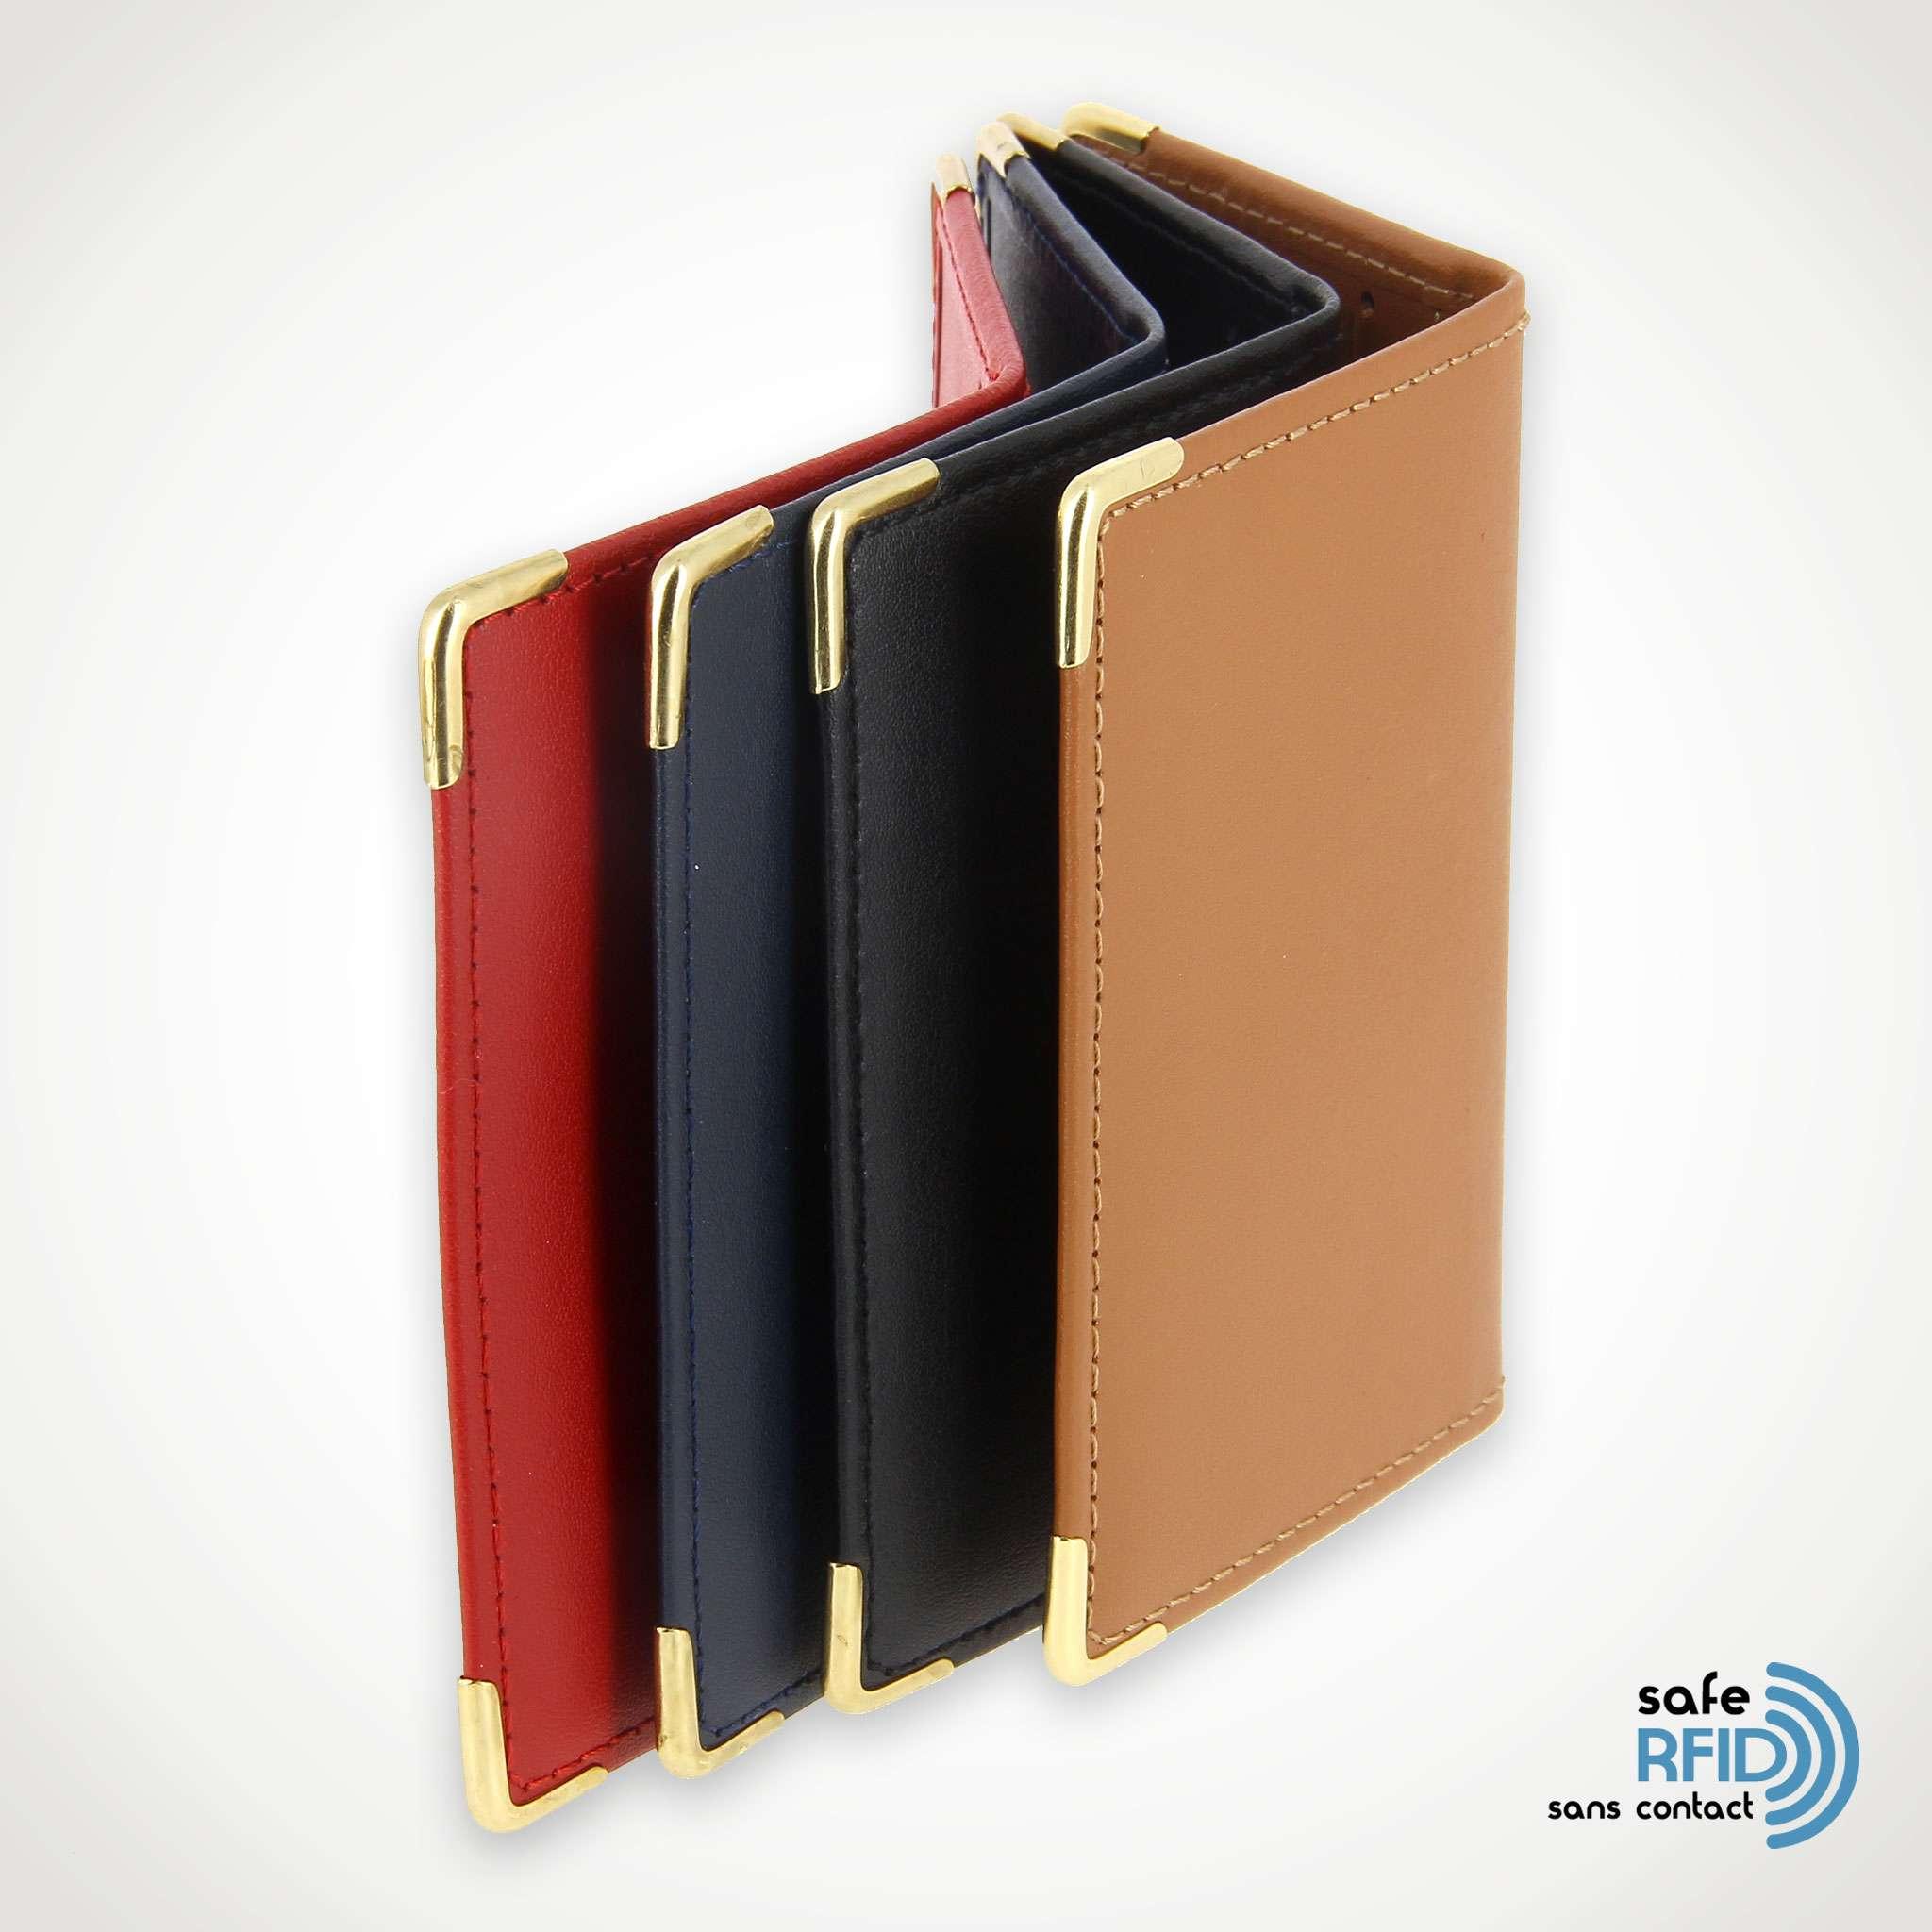 meilleurs prix nouveaux styles limpide en vue Porte carte RFID Protection carte paiement sans contact